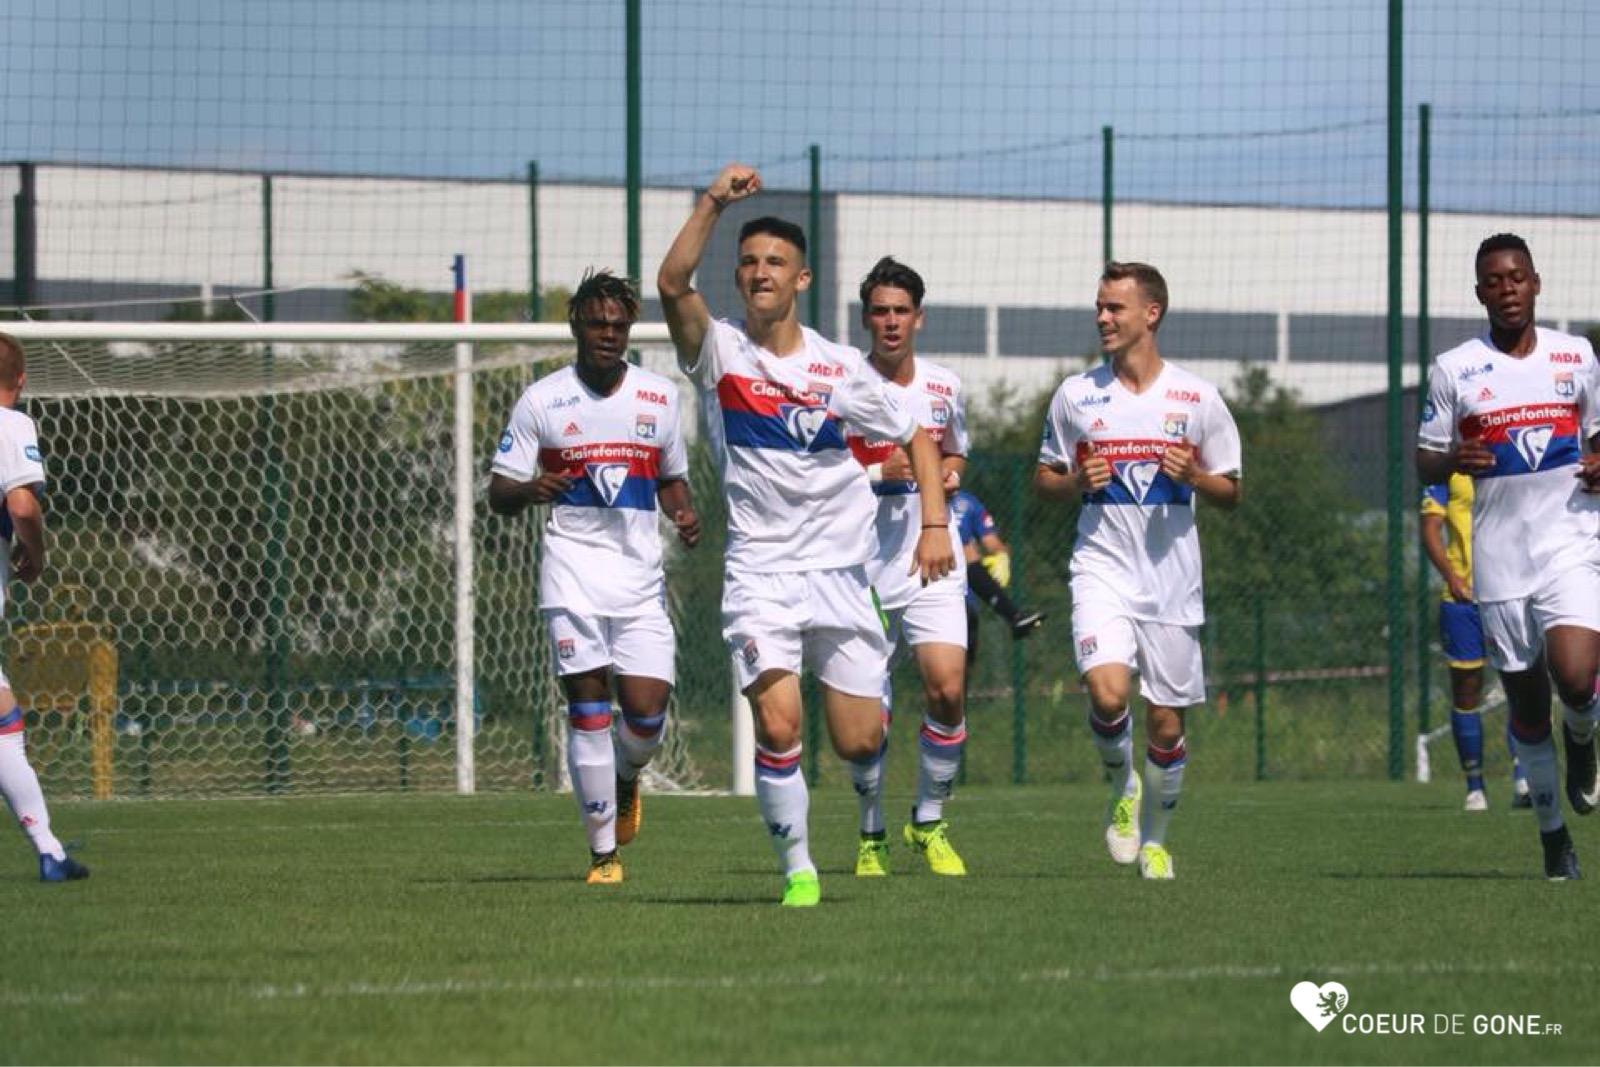 [Photos] E. Lepaul offre les 3 points aux U19